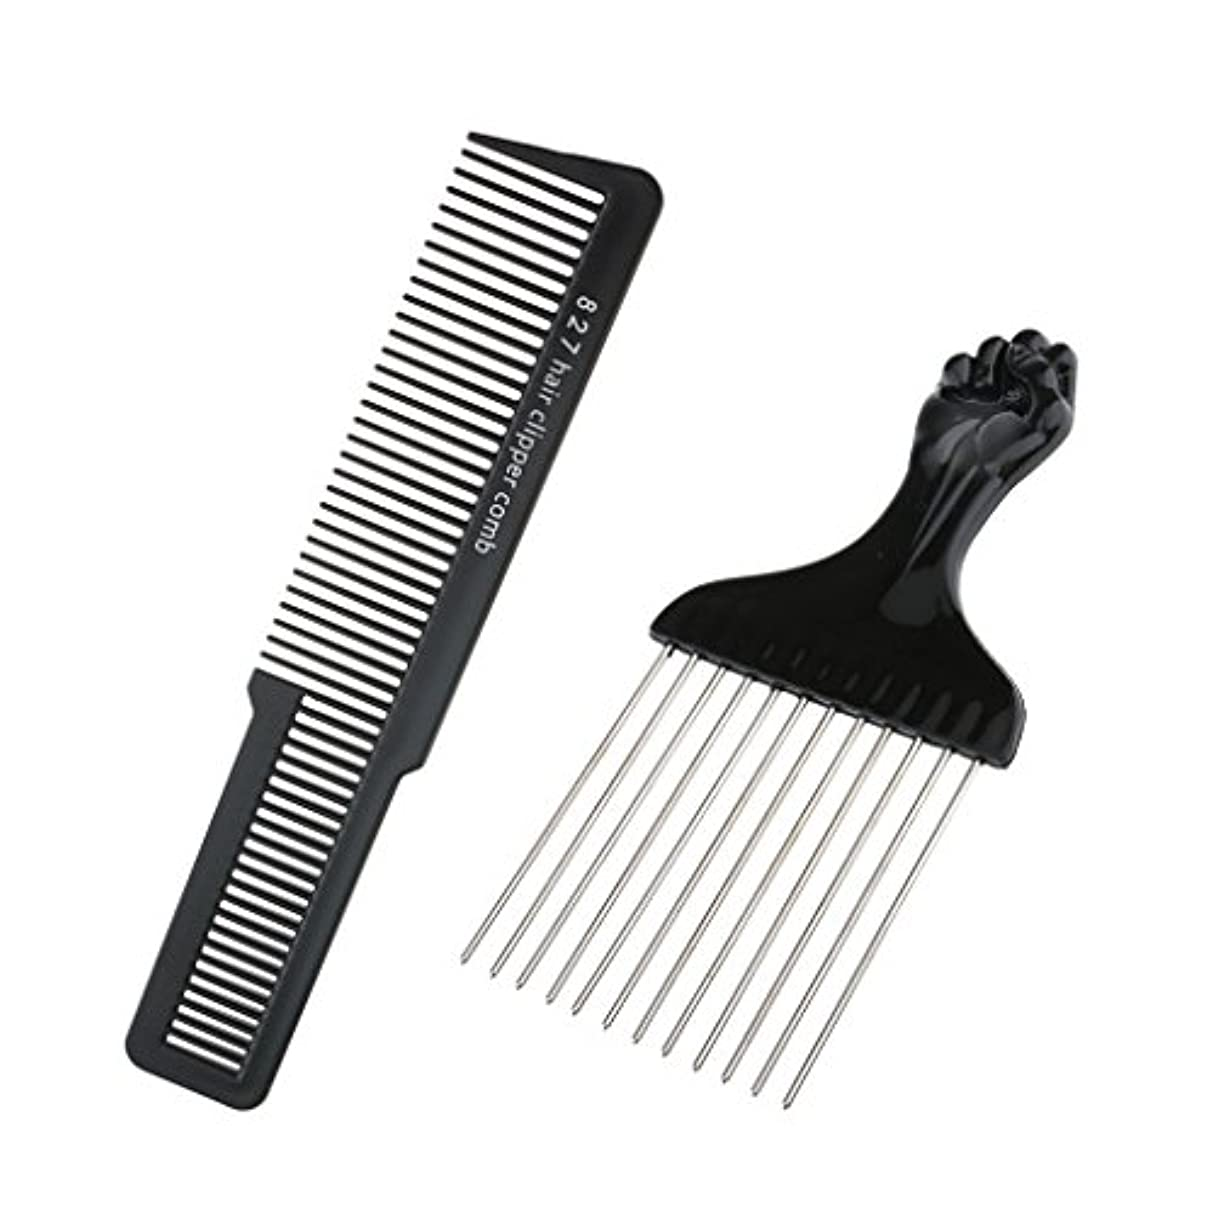 カヌー理解ファイナンス美容院の理髪師のヘアスタイリングセットの毛の切断のクリッパーの櫛セットが付いている黒いステンレス鋼のアフロピックブラシ